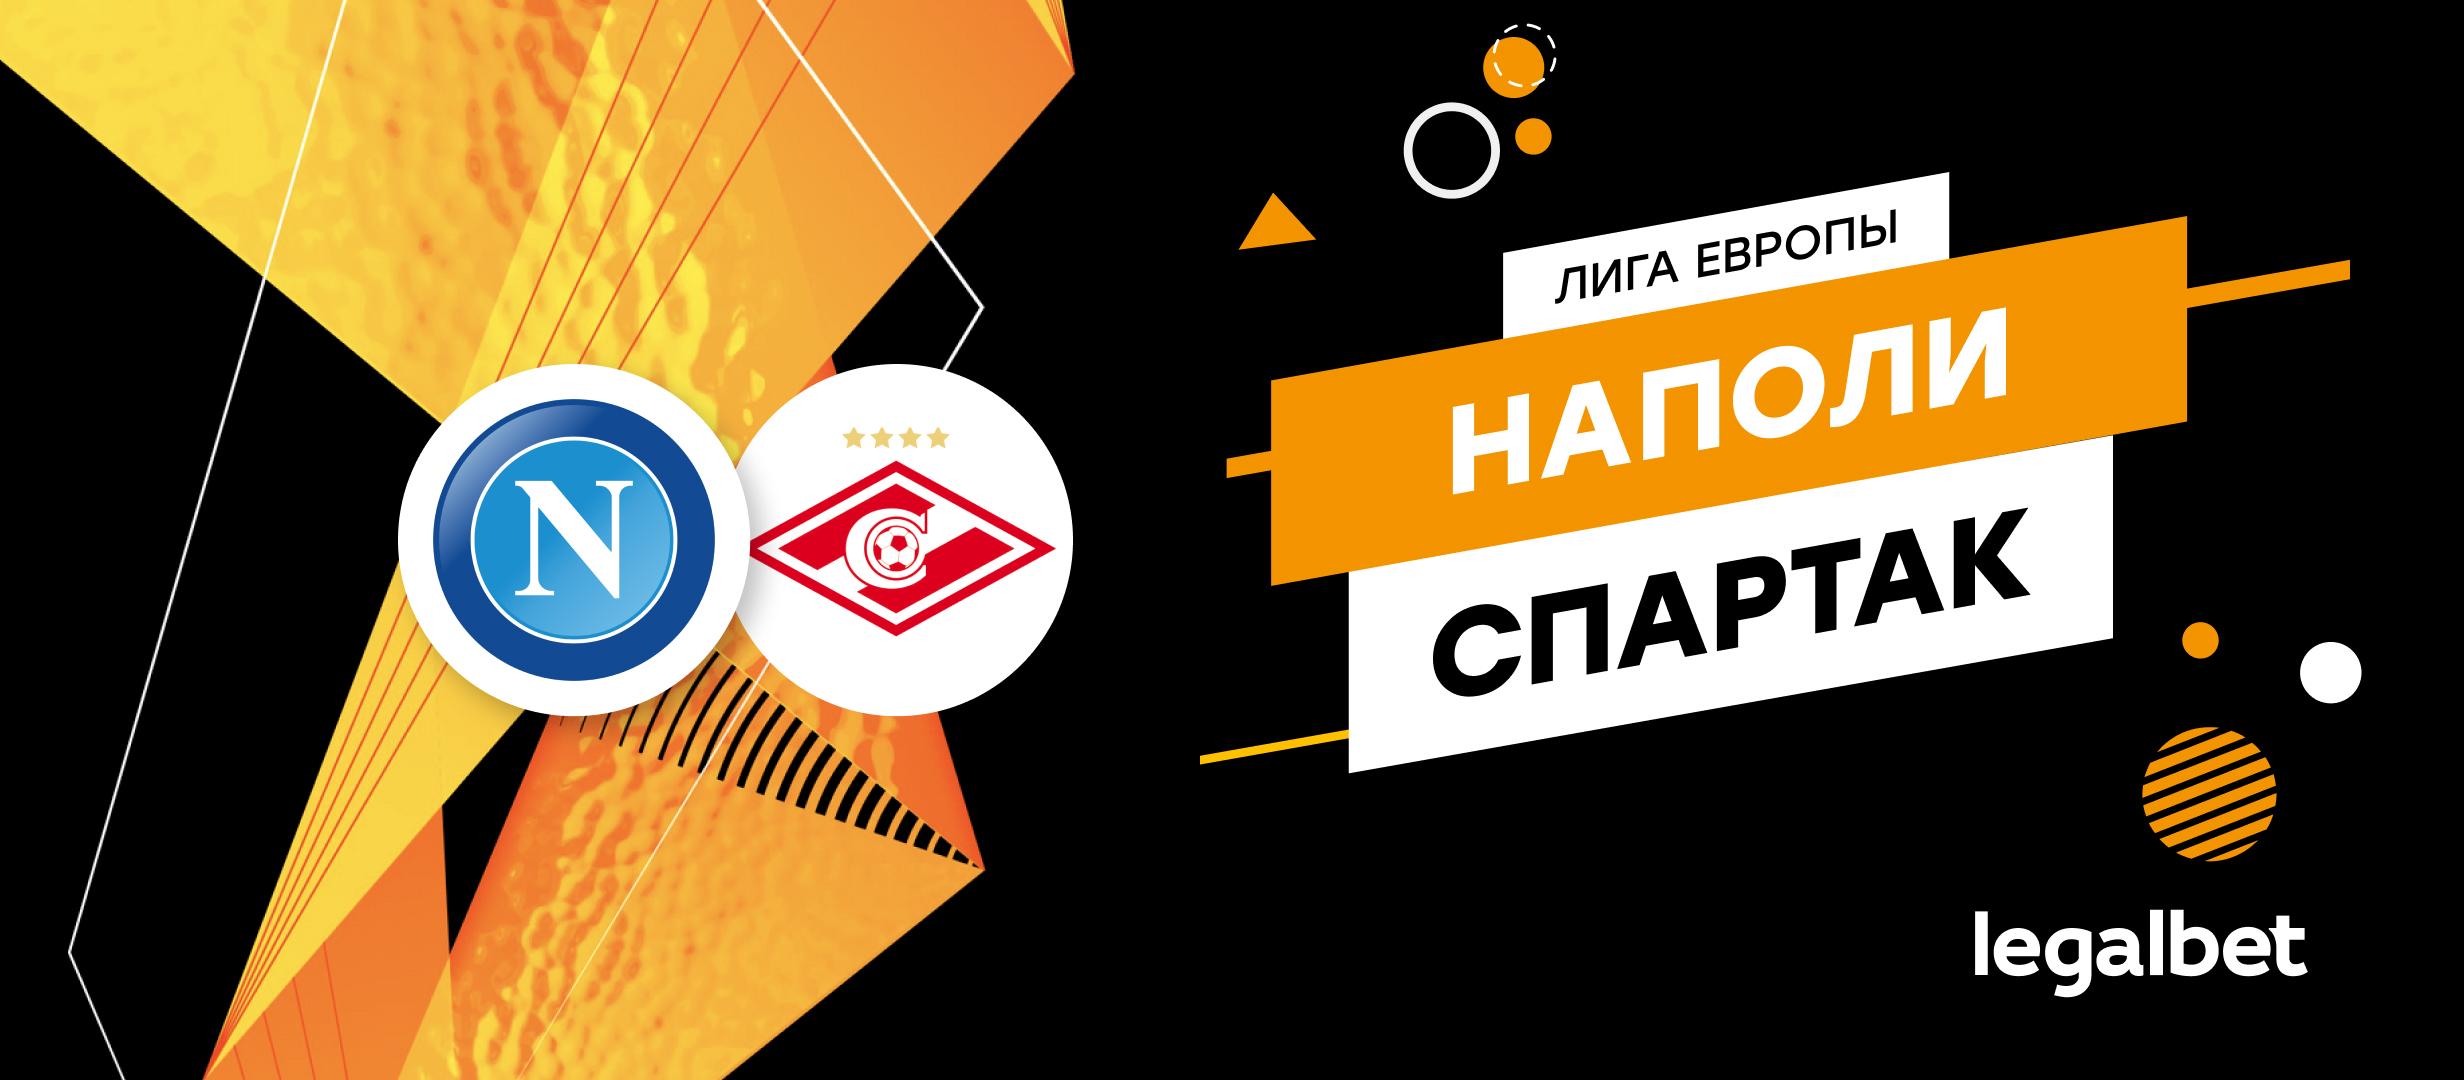 «Наполи» — «Спартак»: ставки и коэффициенты на матч